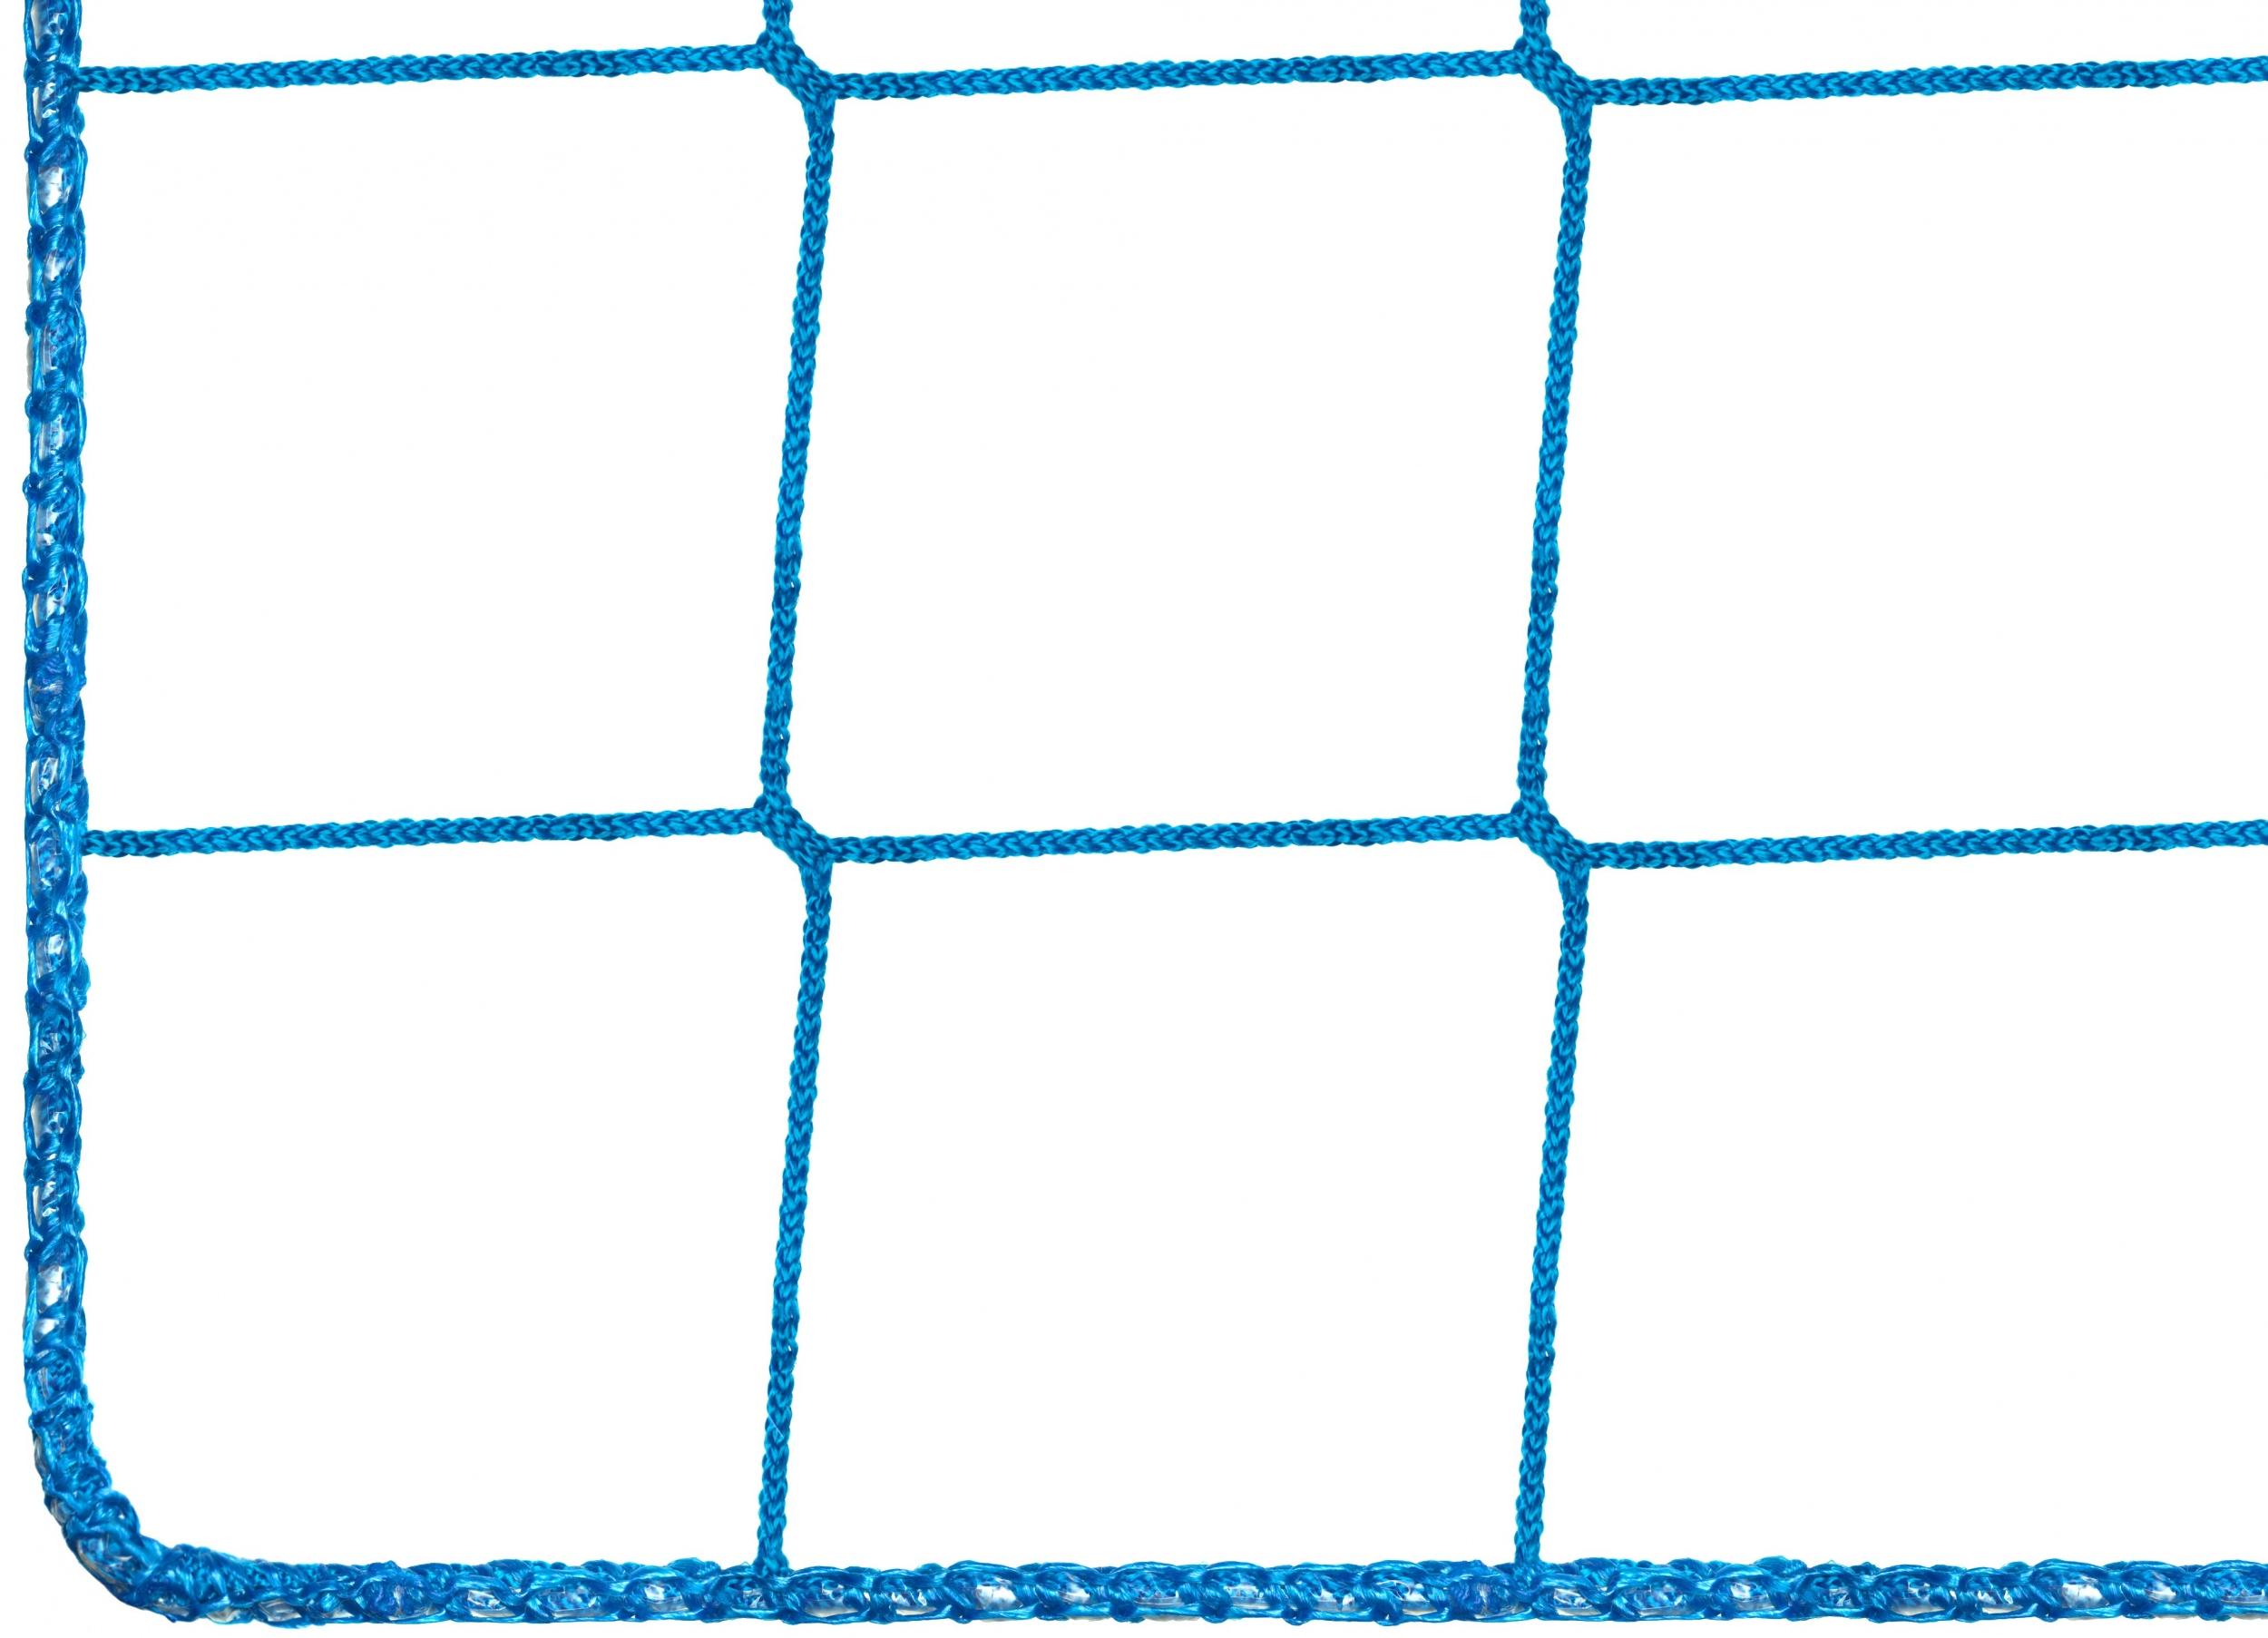 Fußballfangnetz Per M² Nach Maß Schutznetze24